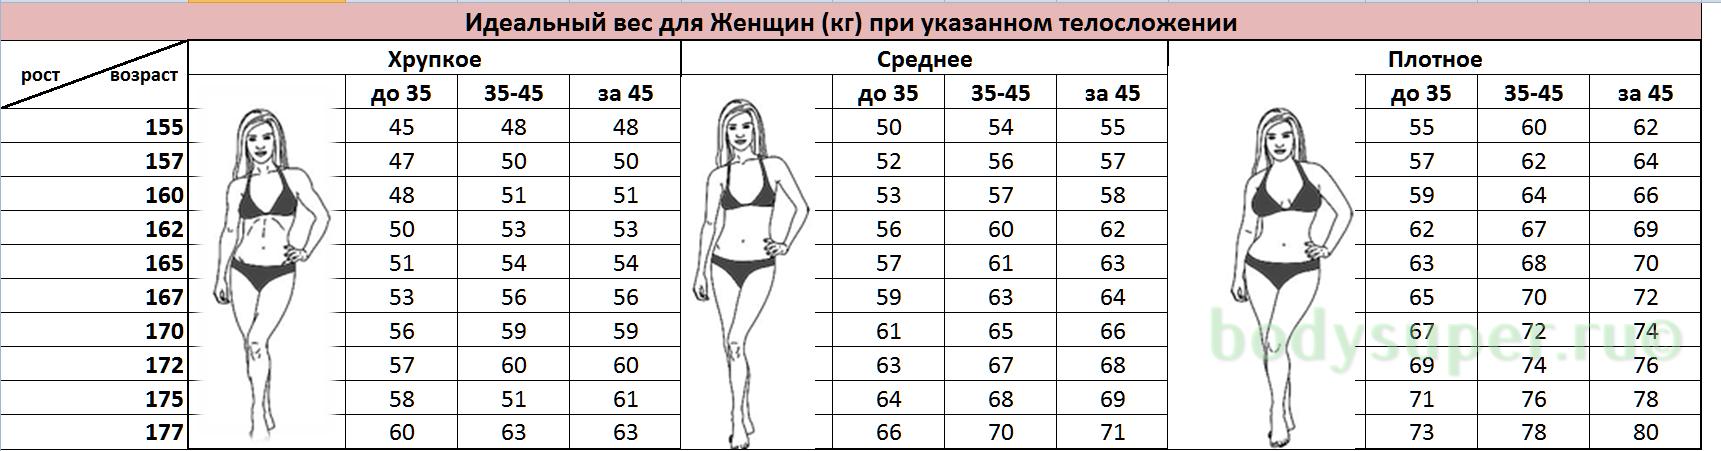 ПРАВИЛЬНЫЙ ВЕС, КОТОРЫЙ РЕКОМЕНДУЮТ ДОКТОРА! Таблица роста и веса!